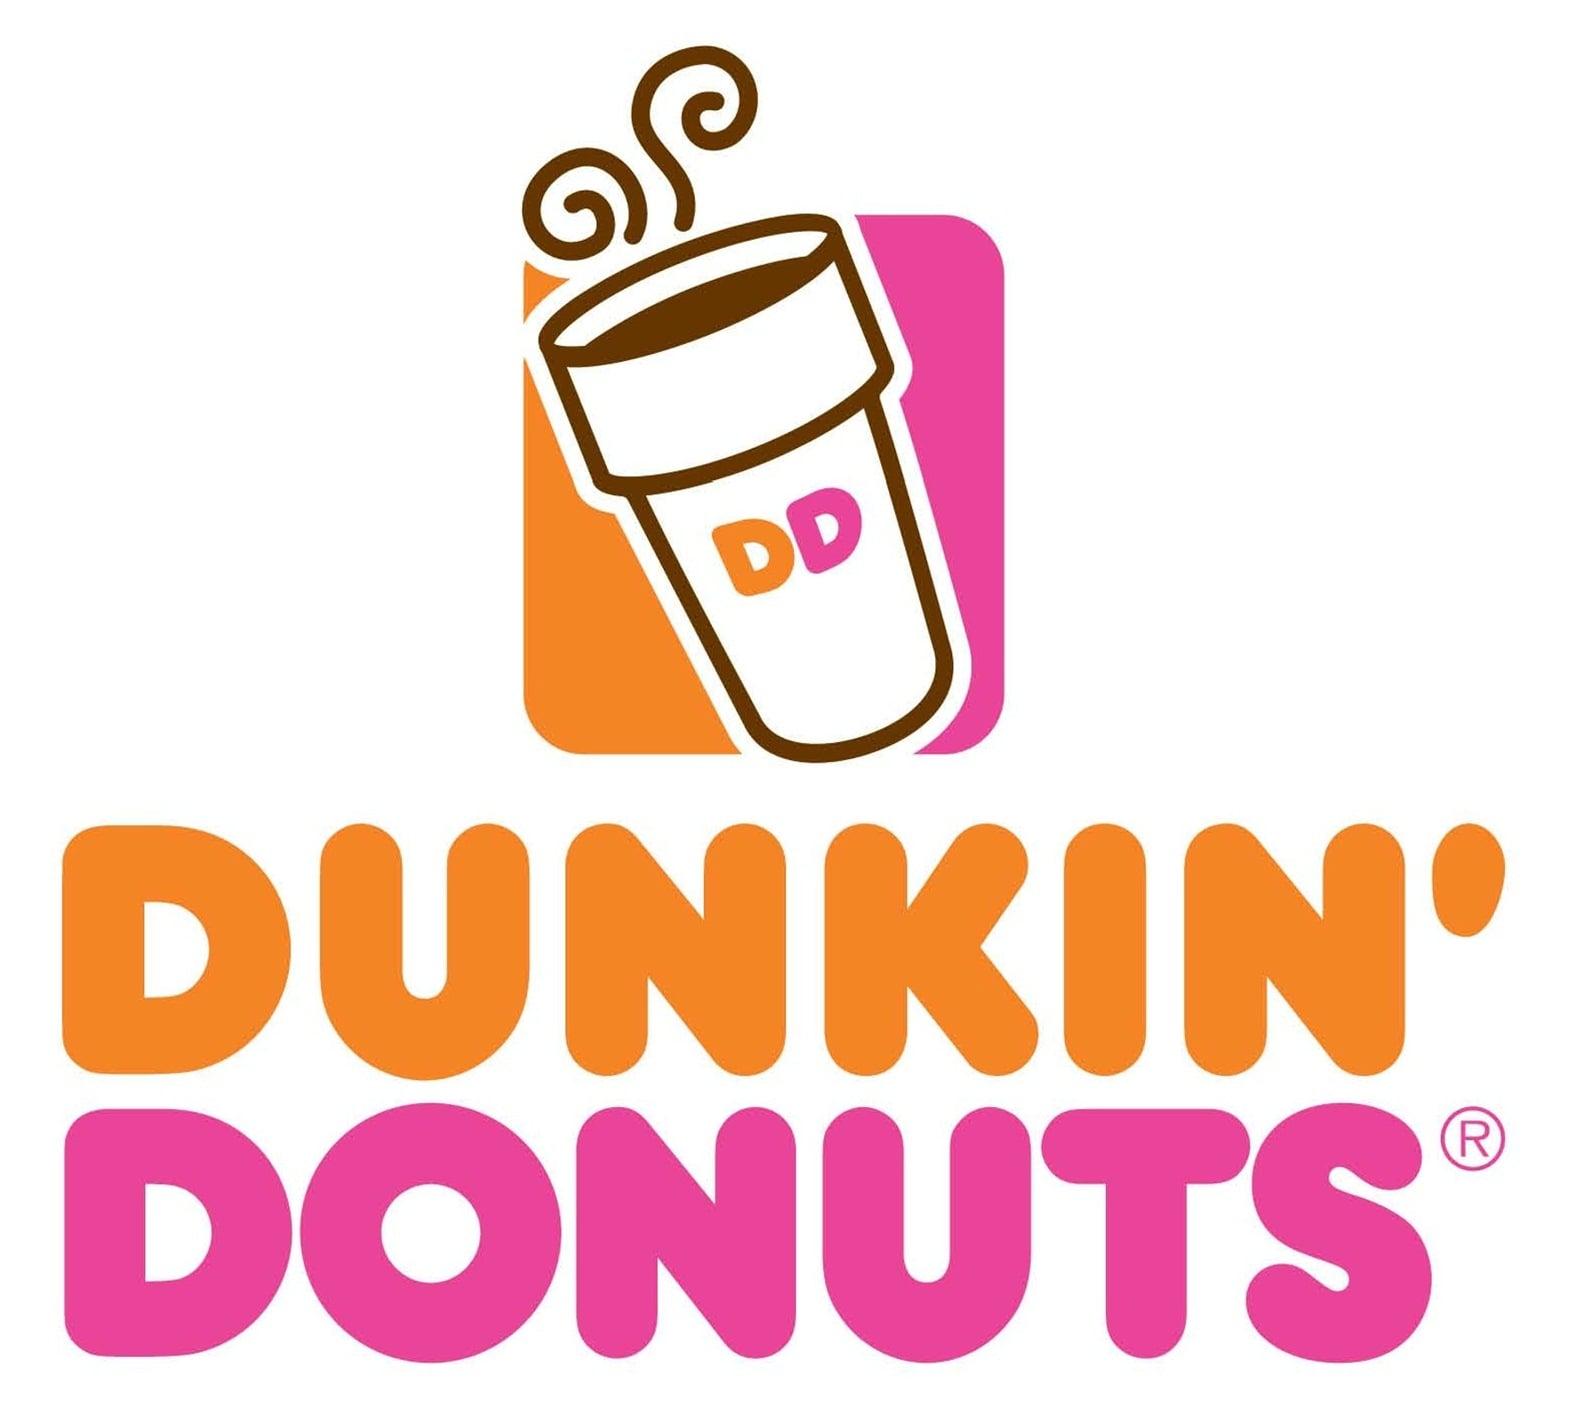 dunkin-donuts-logo-wallpaper.jpg